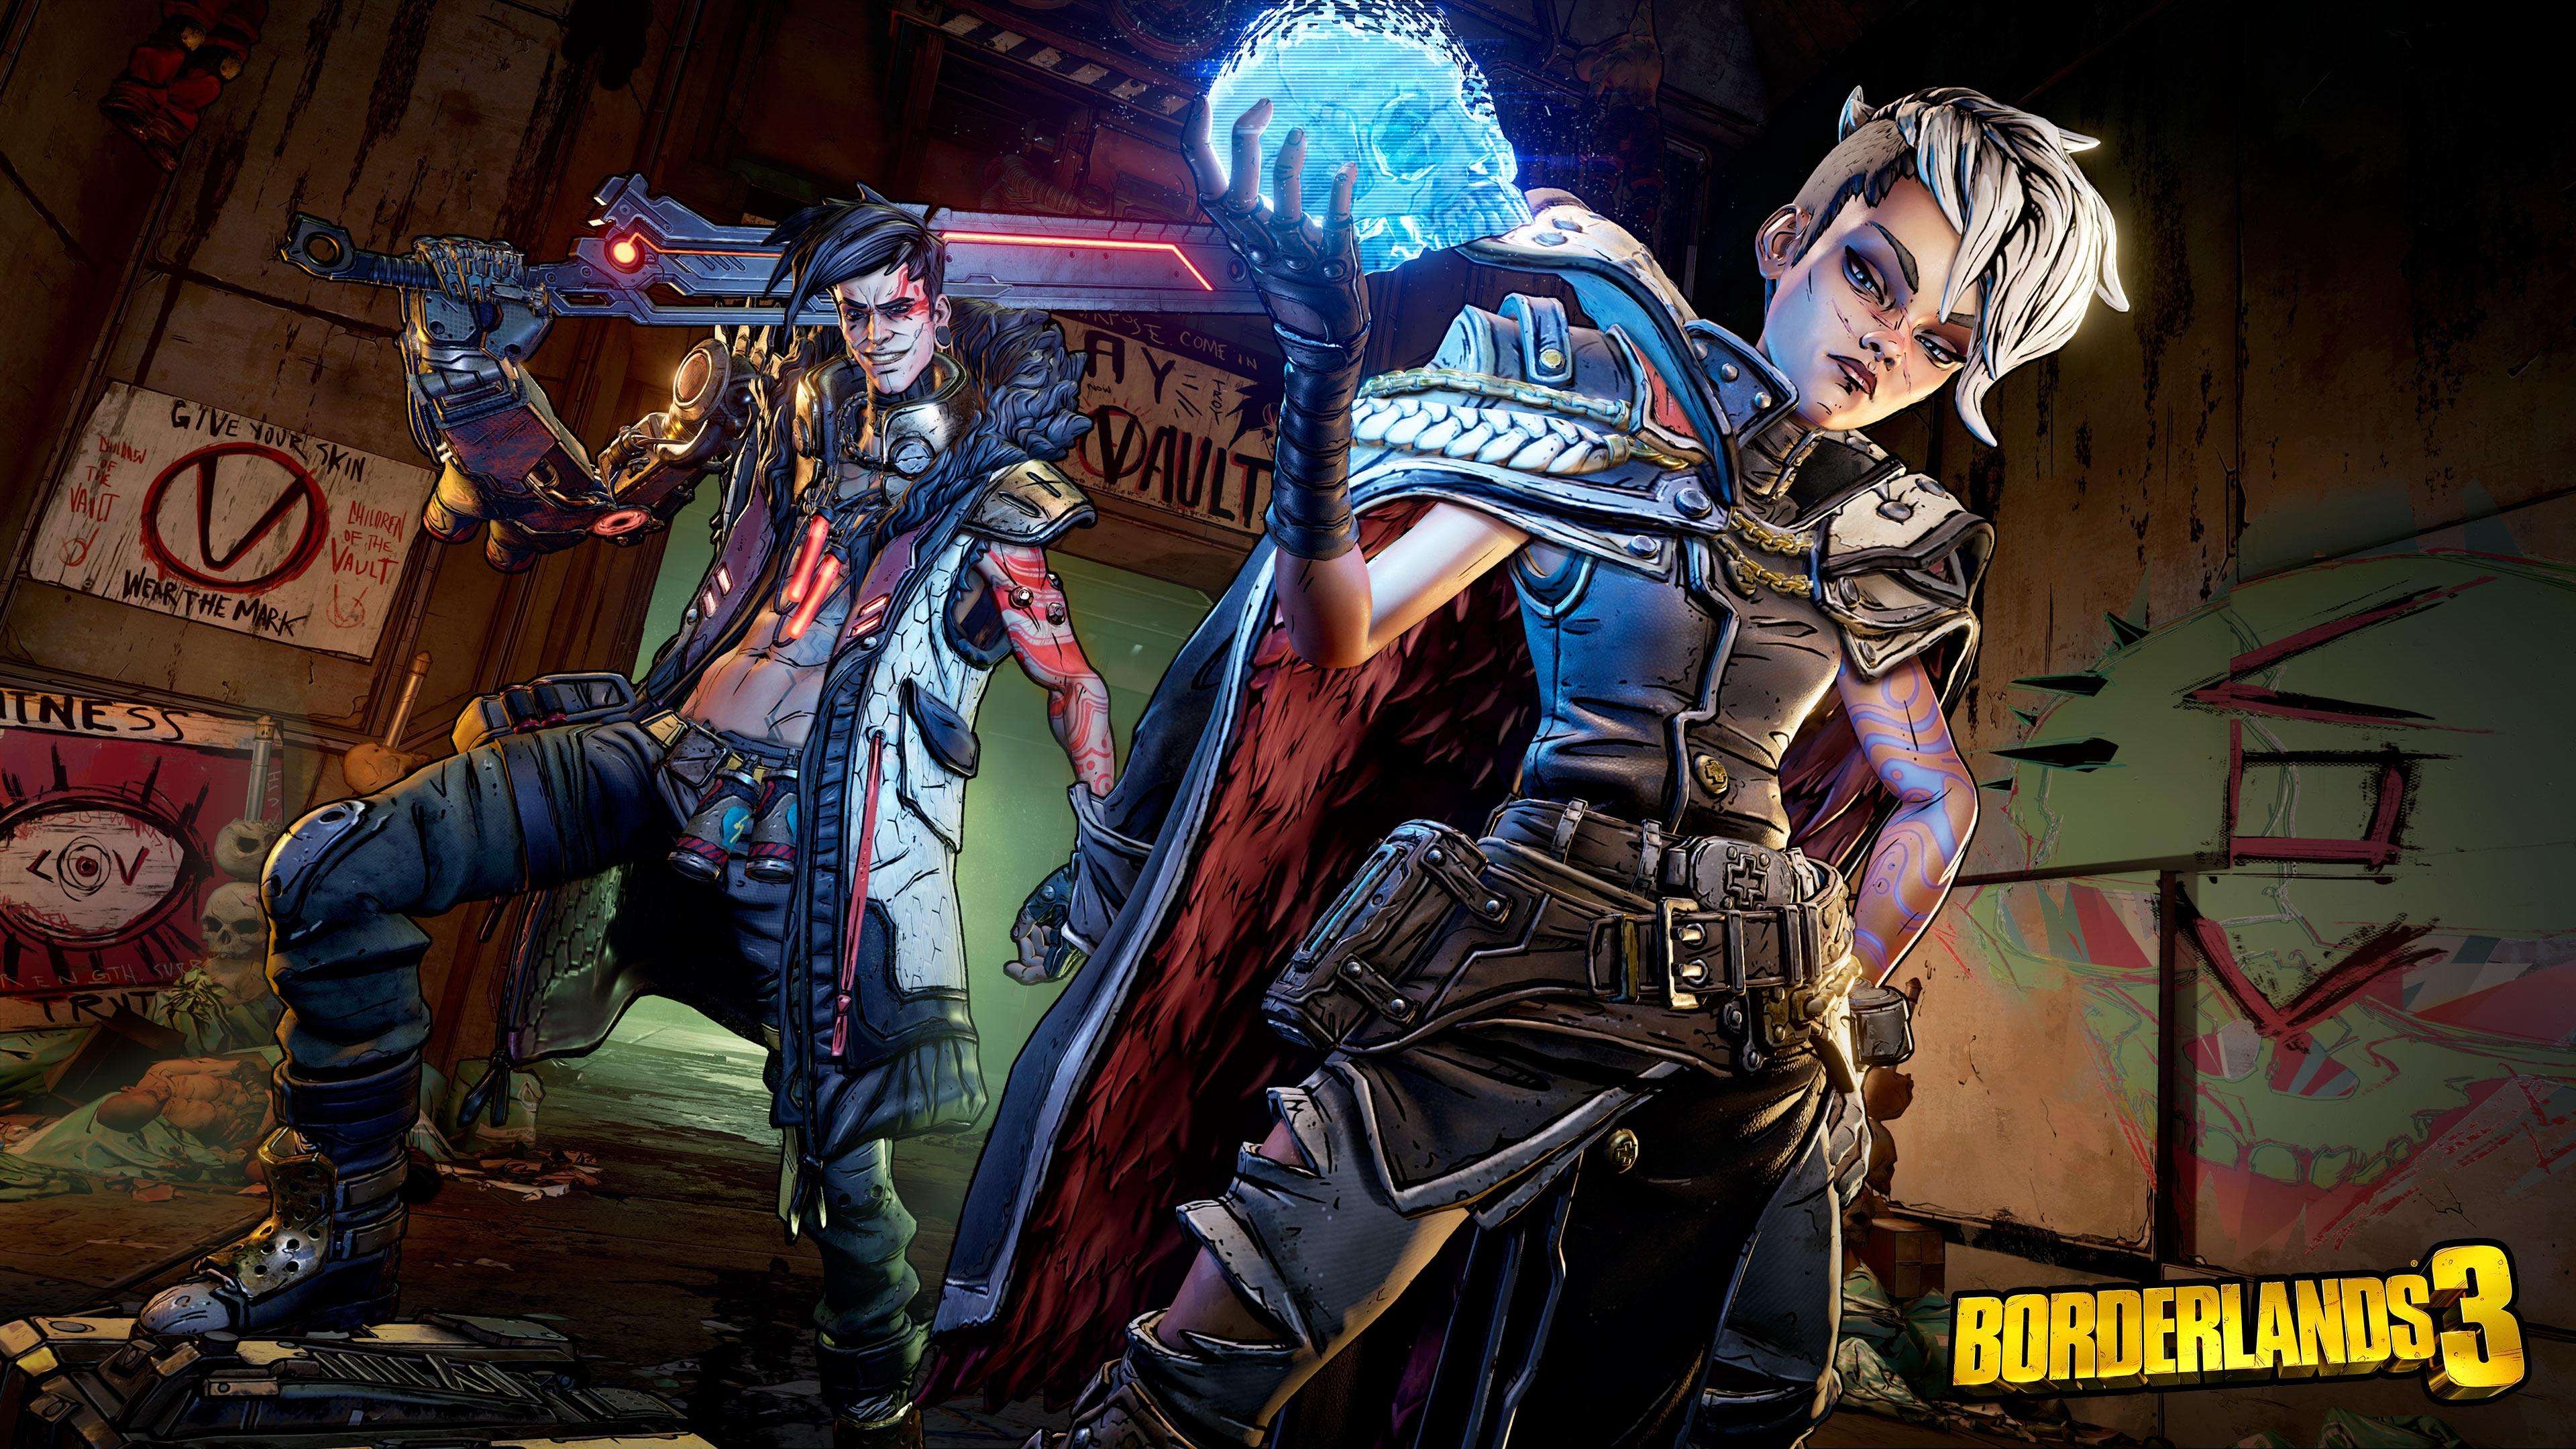 Всезонном абонементе для Borderlands 3 будут 4 сюжетных дополнения